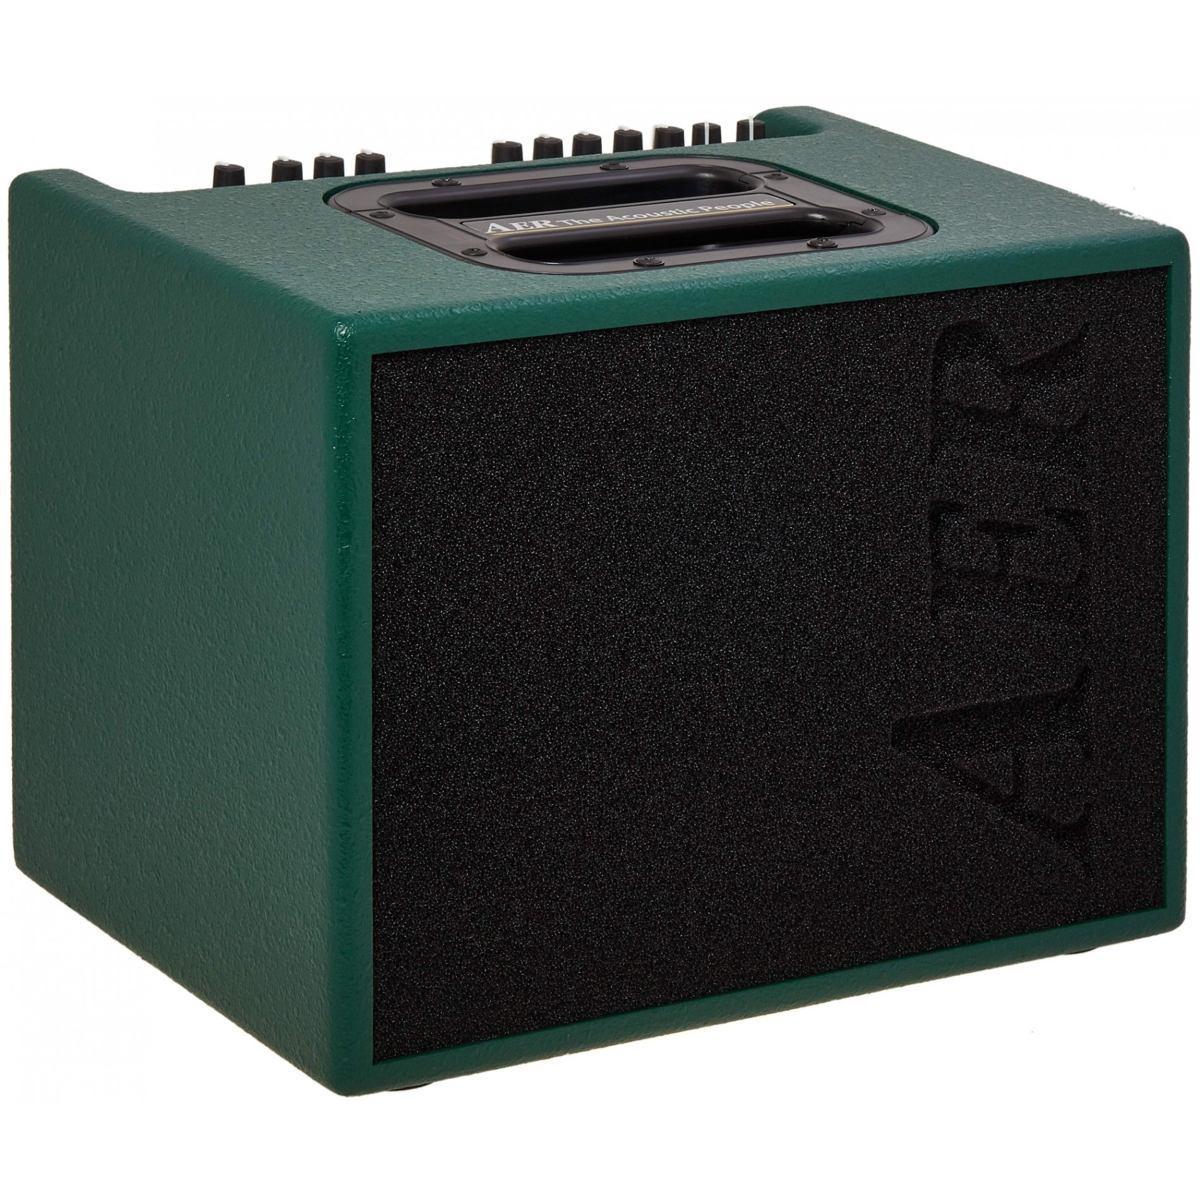 AER Compact 60 IV Barva: zelená